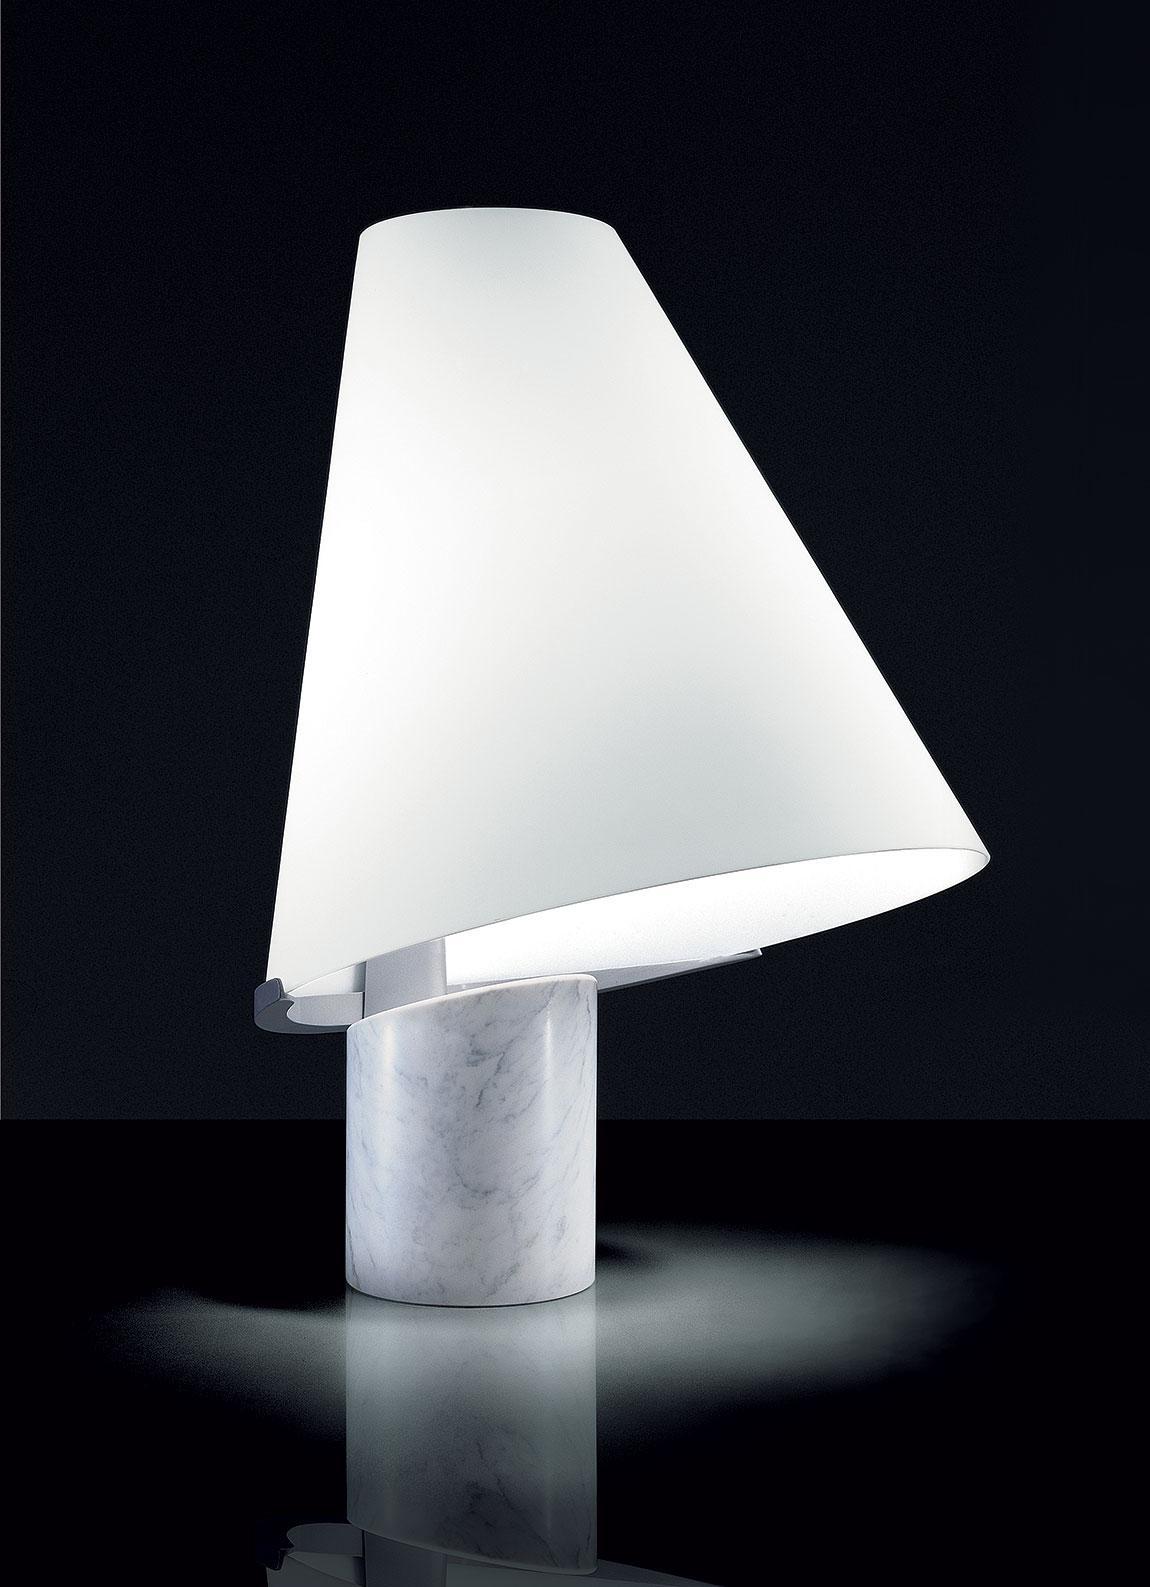 Verre À Lampe Poser En Soufflé Micène fgYby67